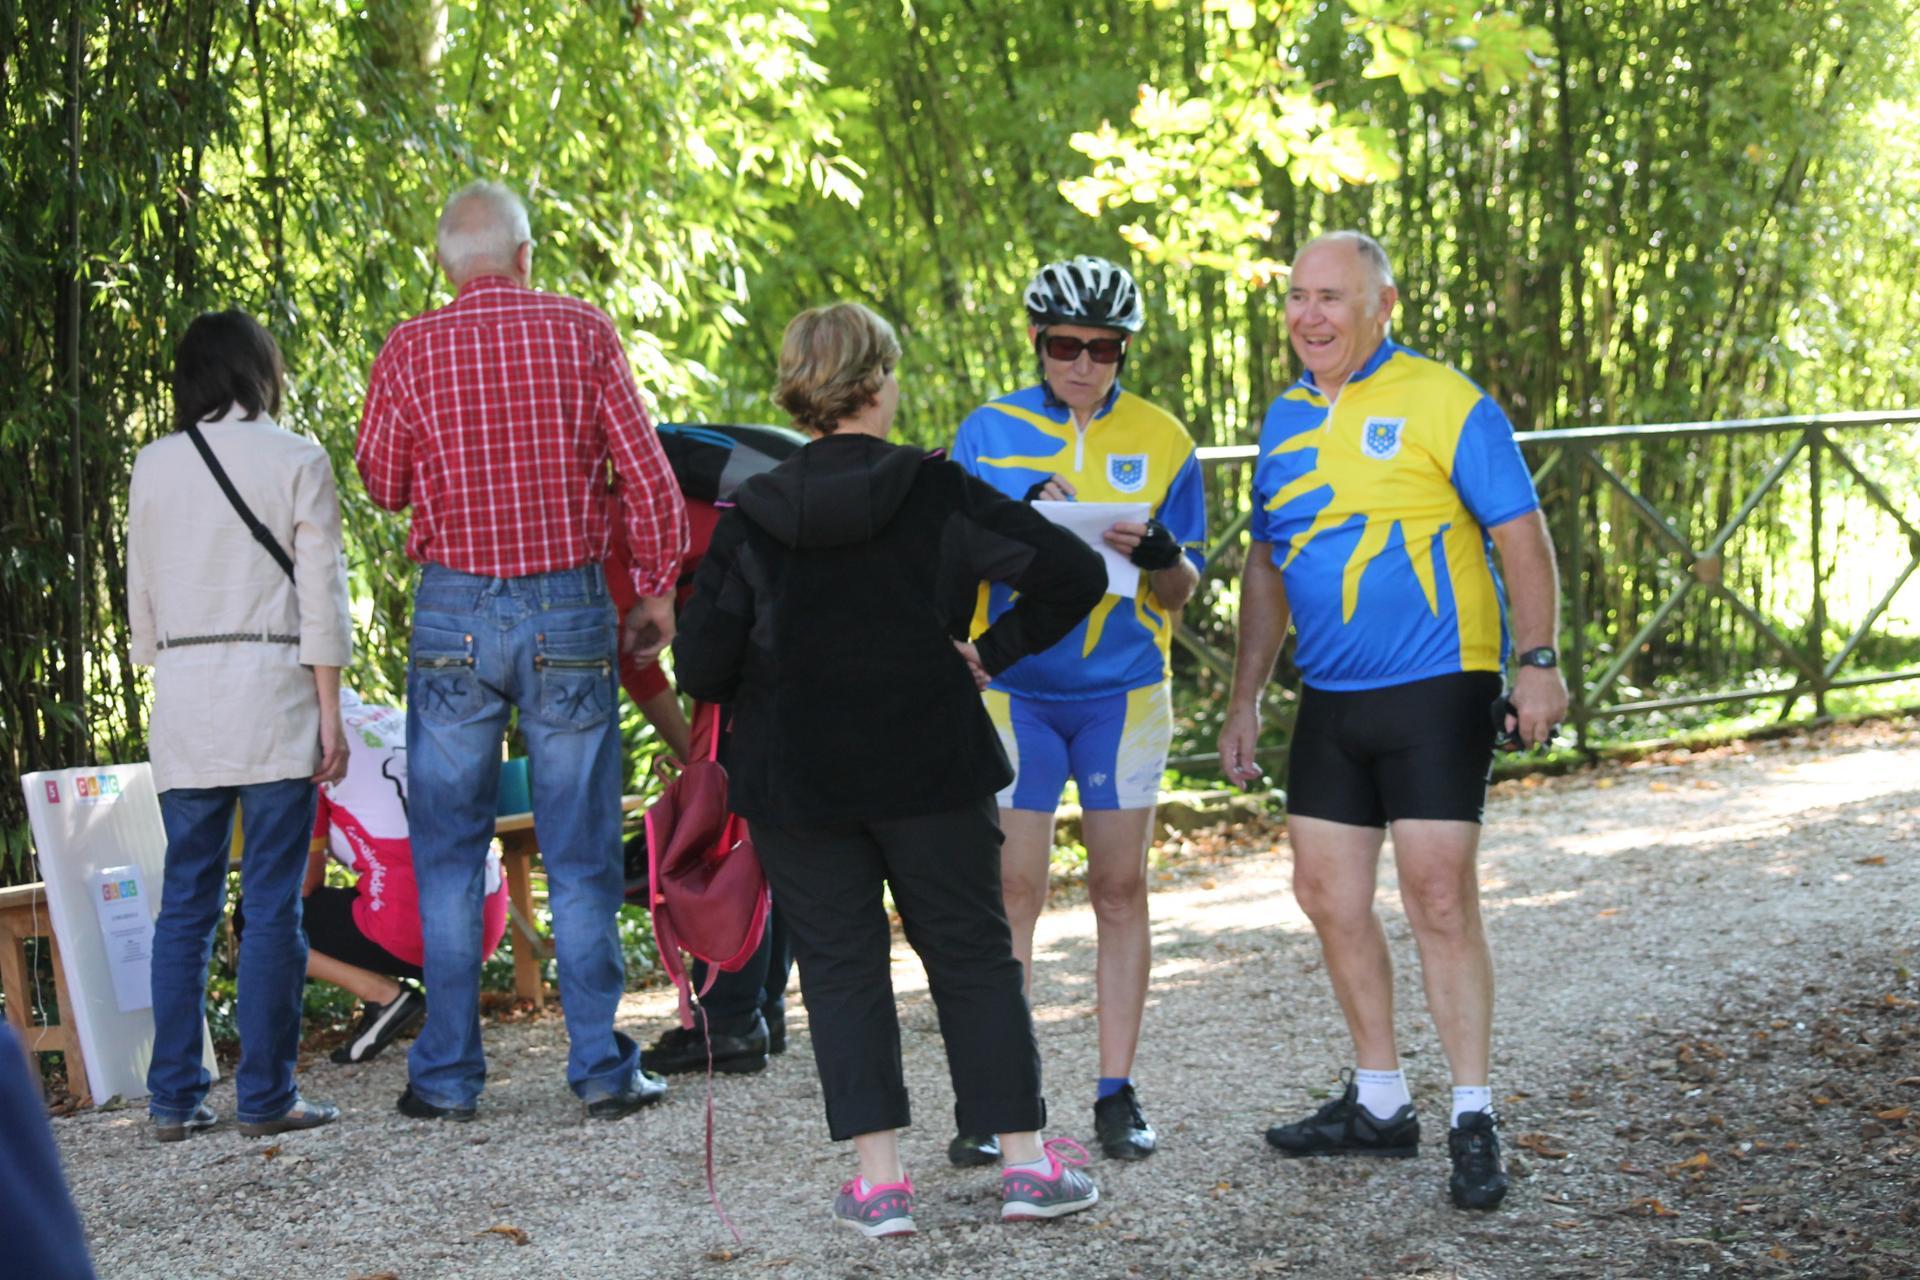 Cyclistes et promeneurs s'étaient donné rendez-vous